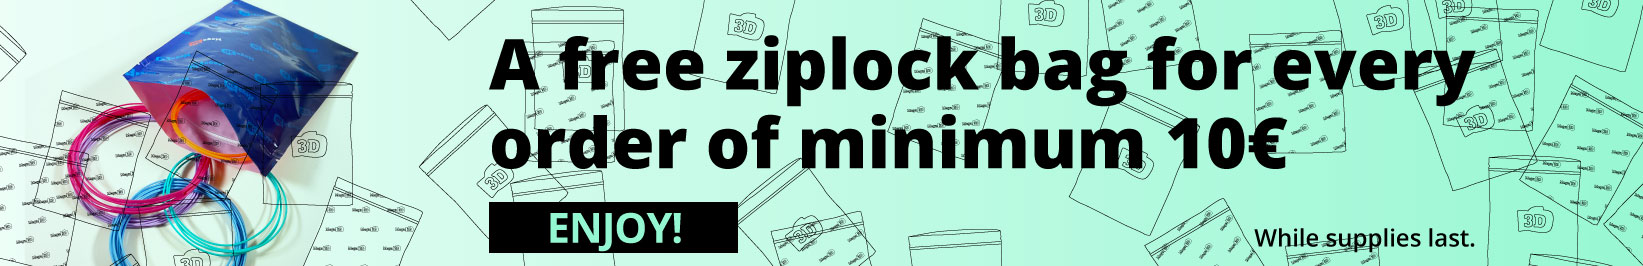 Mega 3d filaments ziplock bag